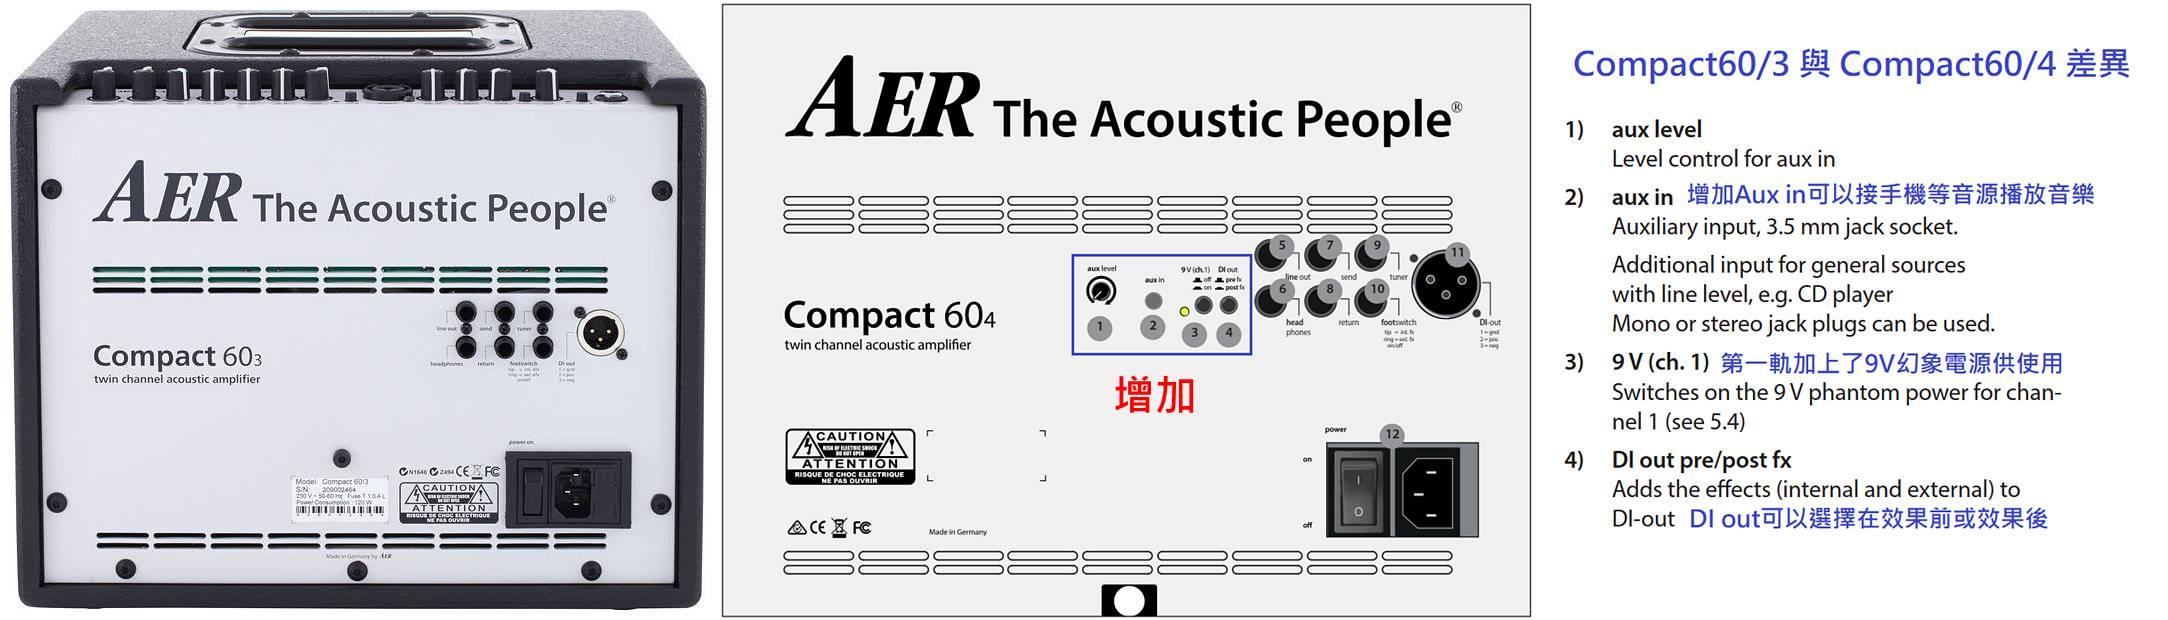 compact60/3 vs compact60/4